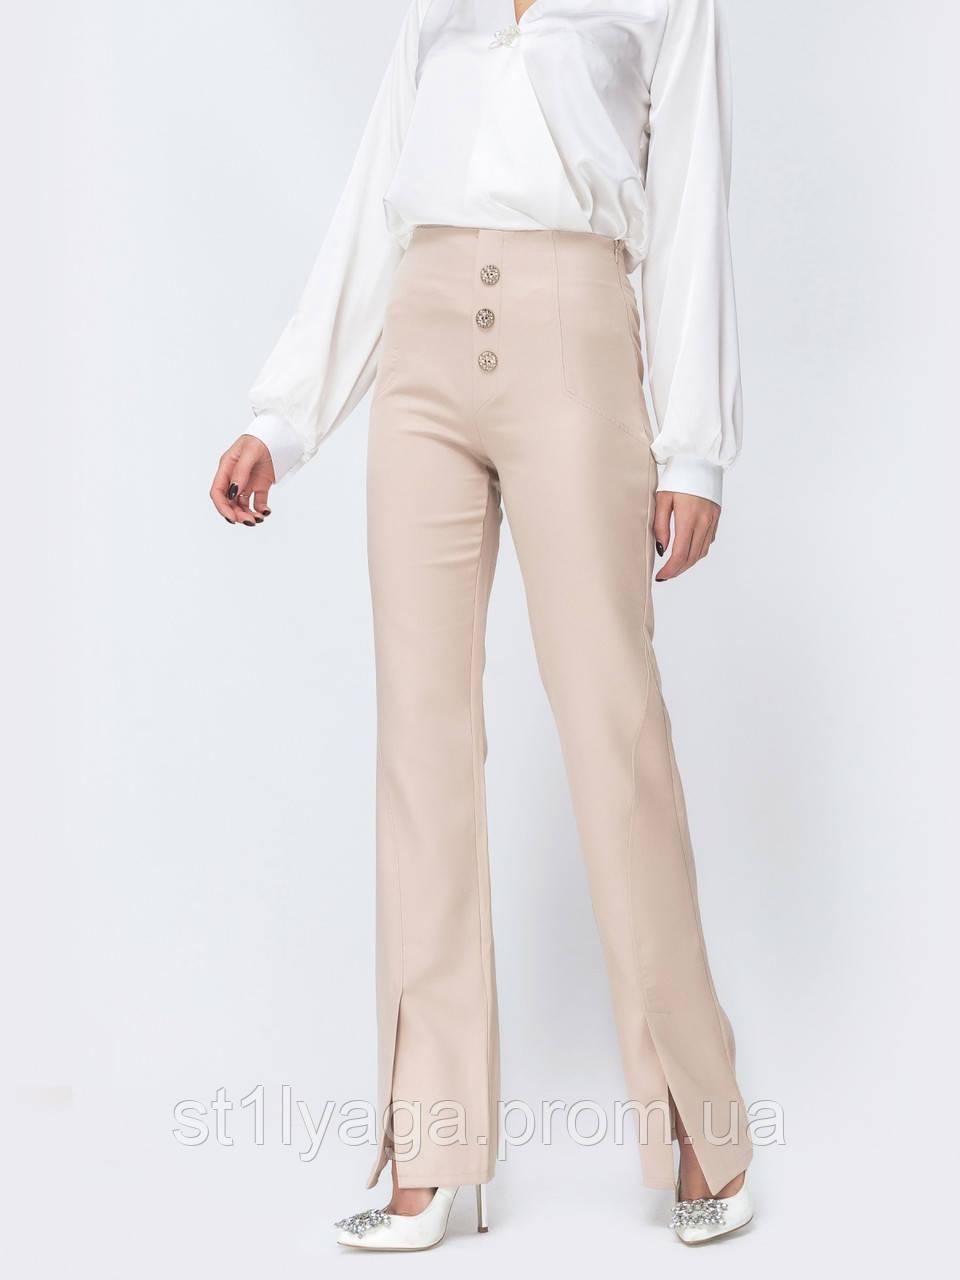 Стильные  брюки клеш с высокой посадкой